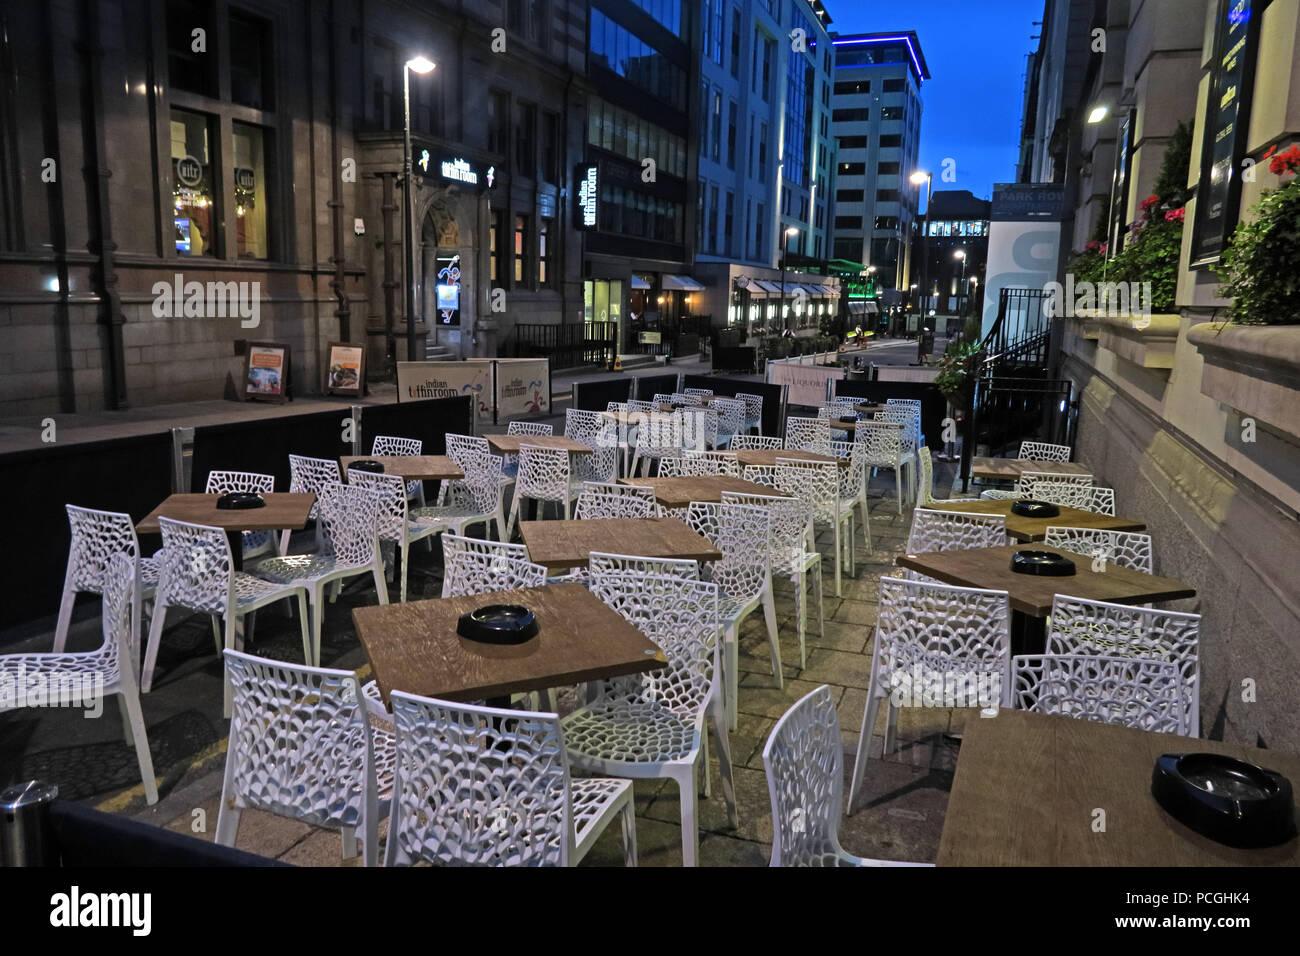 Laden Sie dieses Alamy Stockfoto Zentrum der Stadt Leeds, West Yorkshire, England, LS1, UK - PCGHK4